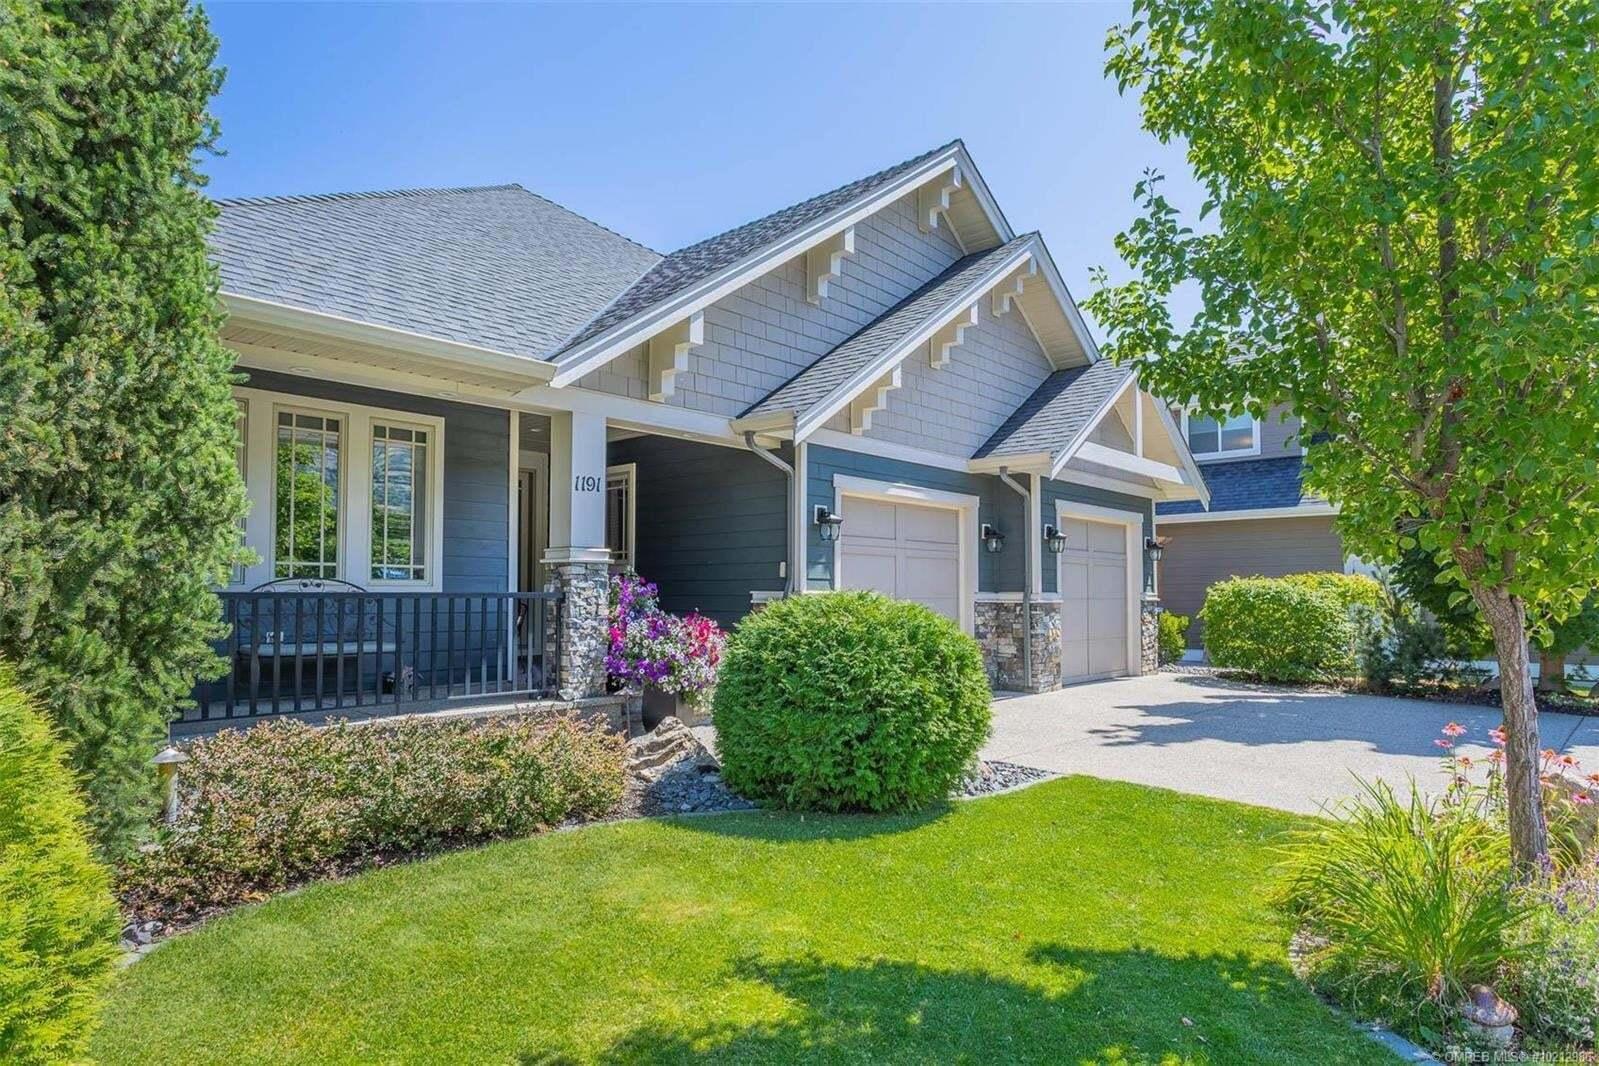 House for sale at 1191 Long Ridge Dr Kelowna British Columbia - MLS: 10212986